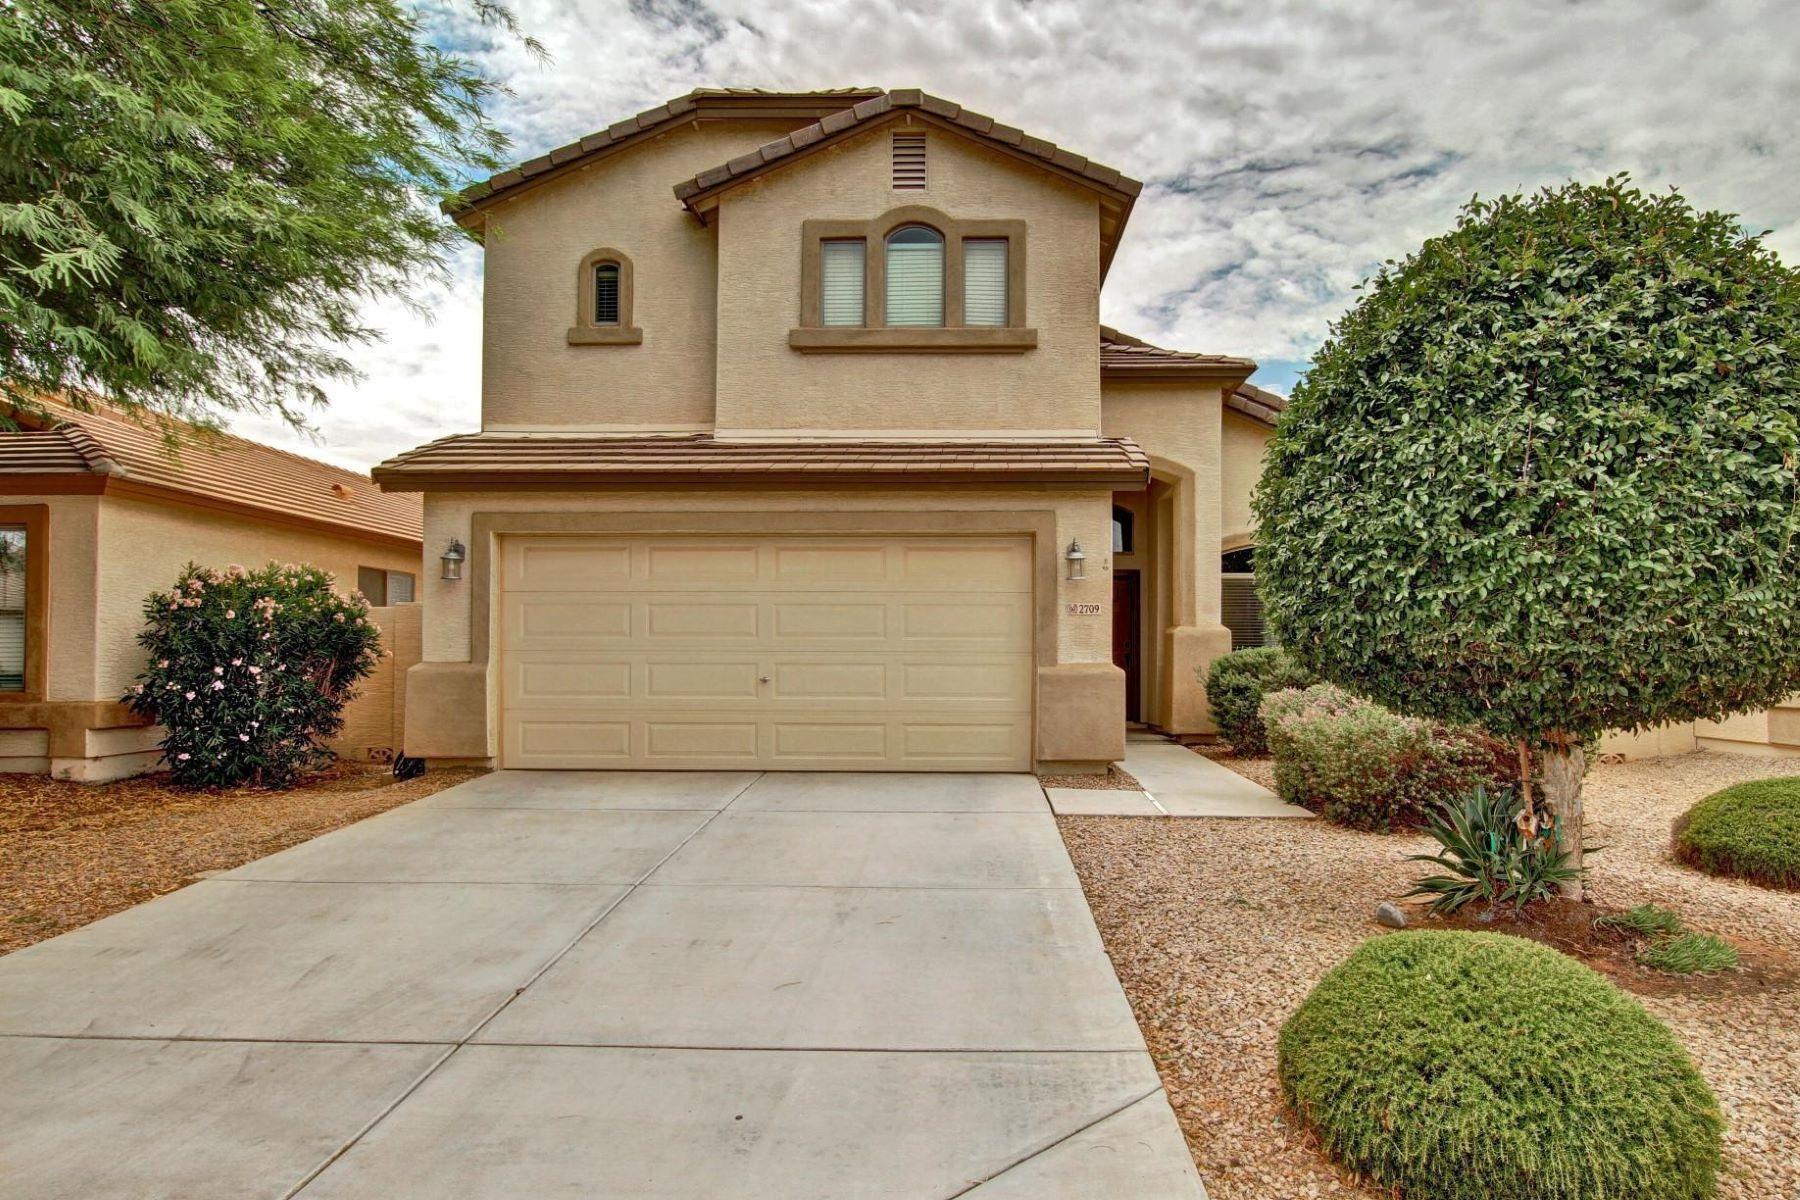 Nhà ở một gia đình vì Bán tại Outstanding Rancho Bella Vista Home 2709 E Silversmith Trl San Tan Valley, Arizona, 85143 Hoa Kỳ